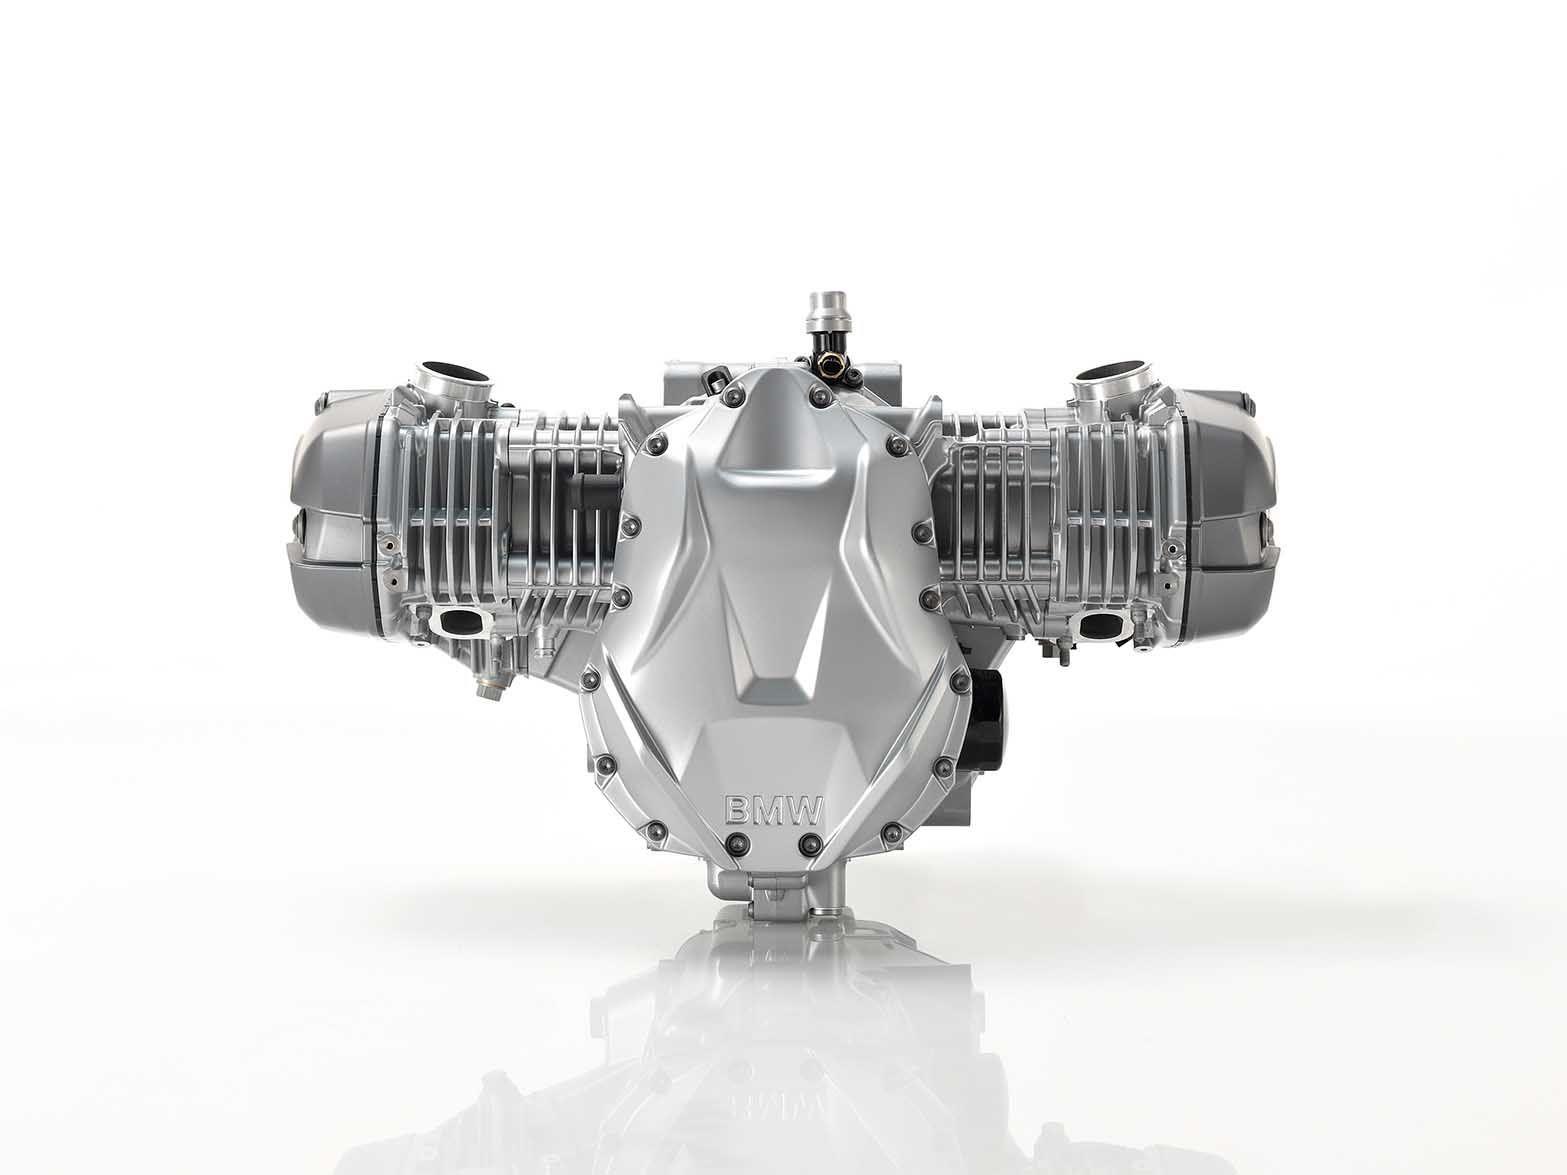 Water Air Cooled Bmw Motorrad Boxer Engine Bmw Motorrad Bmw